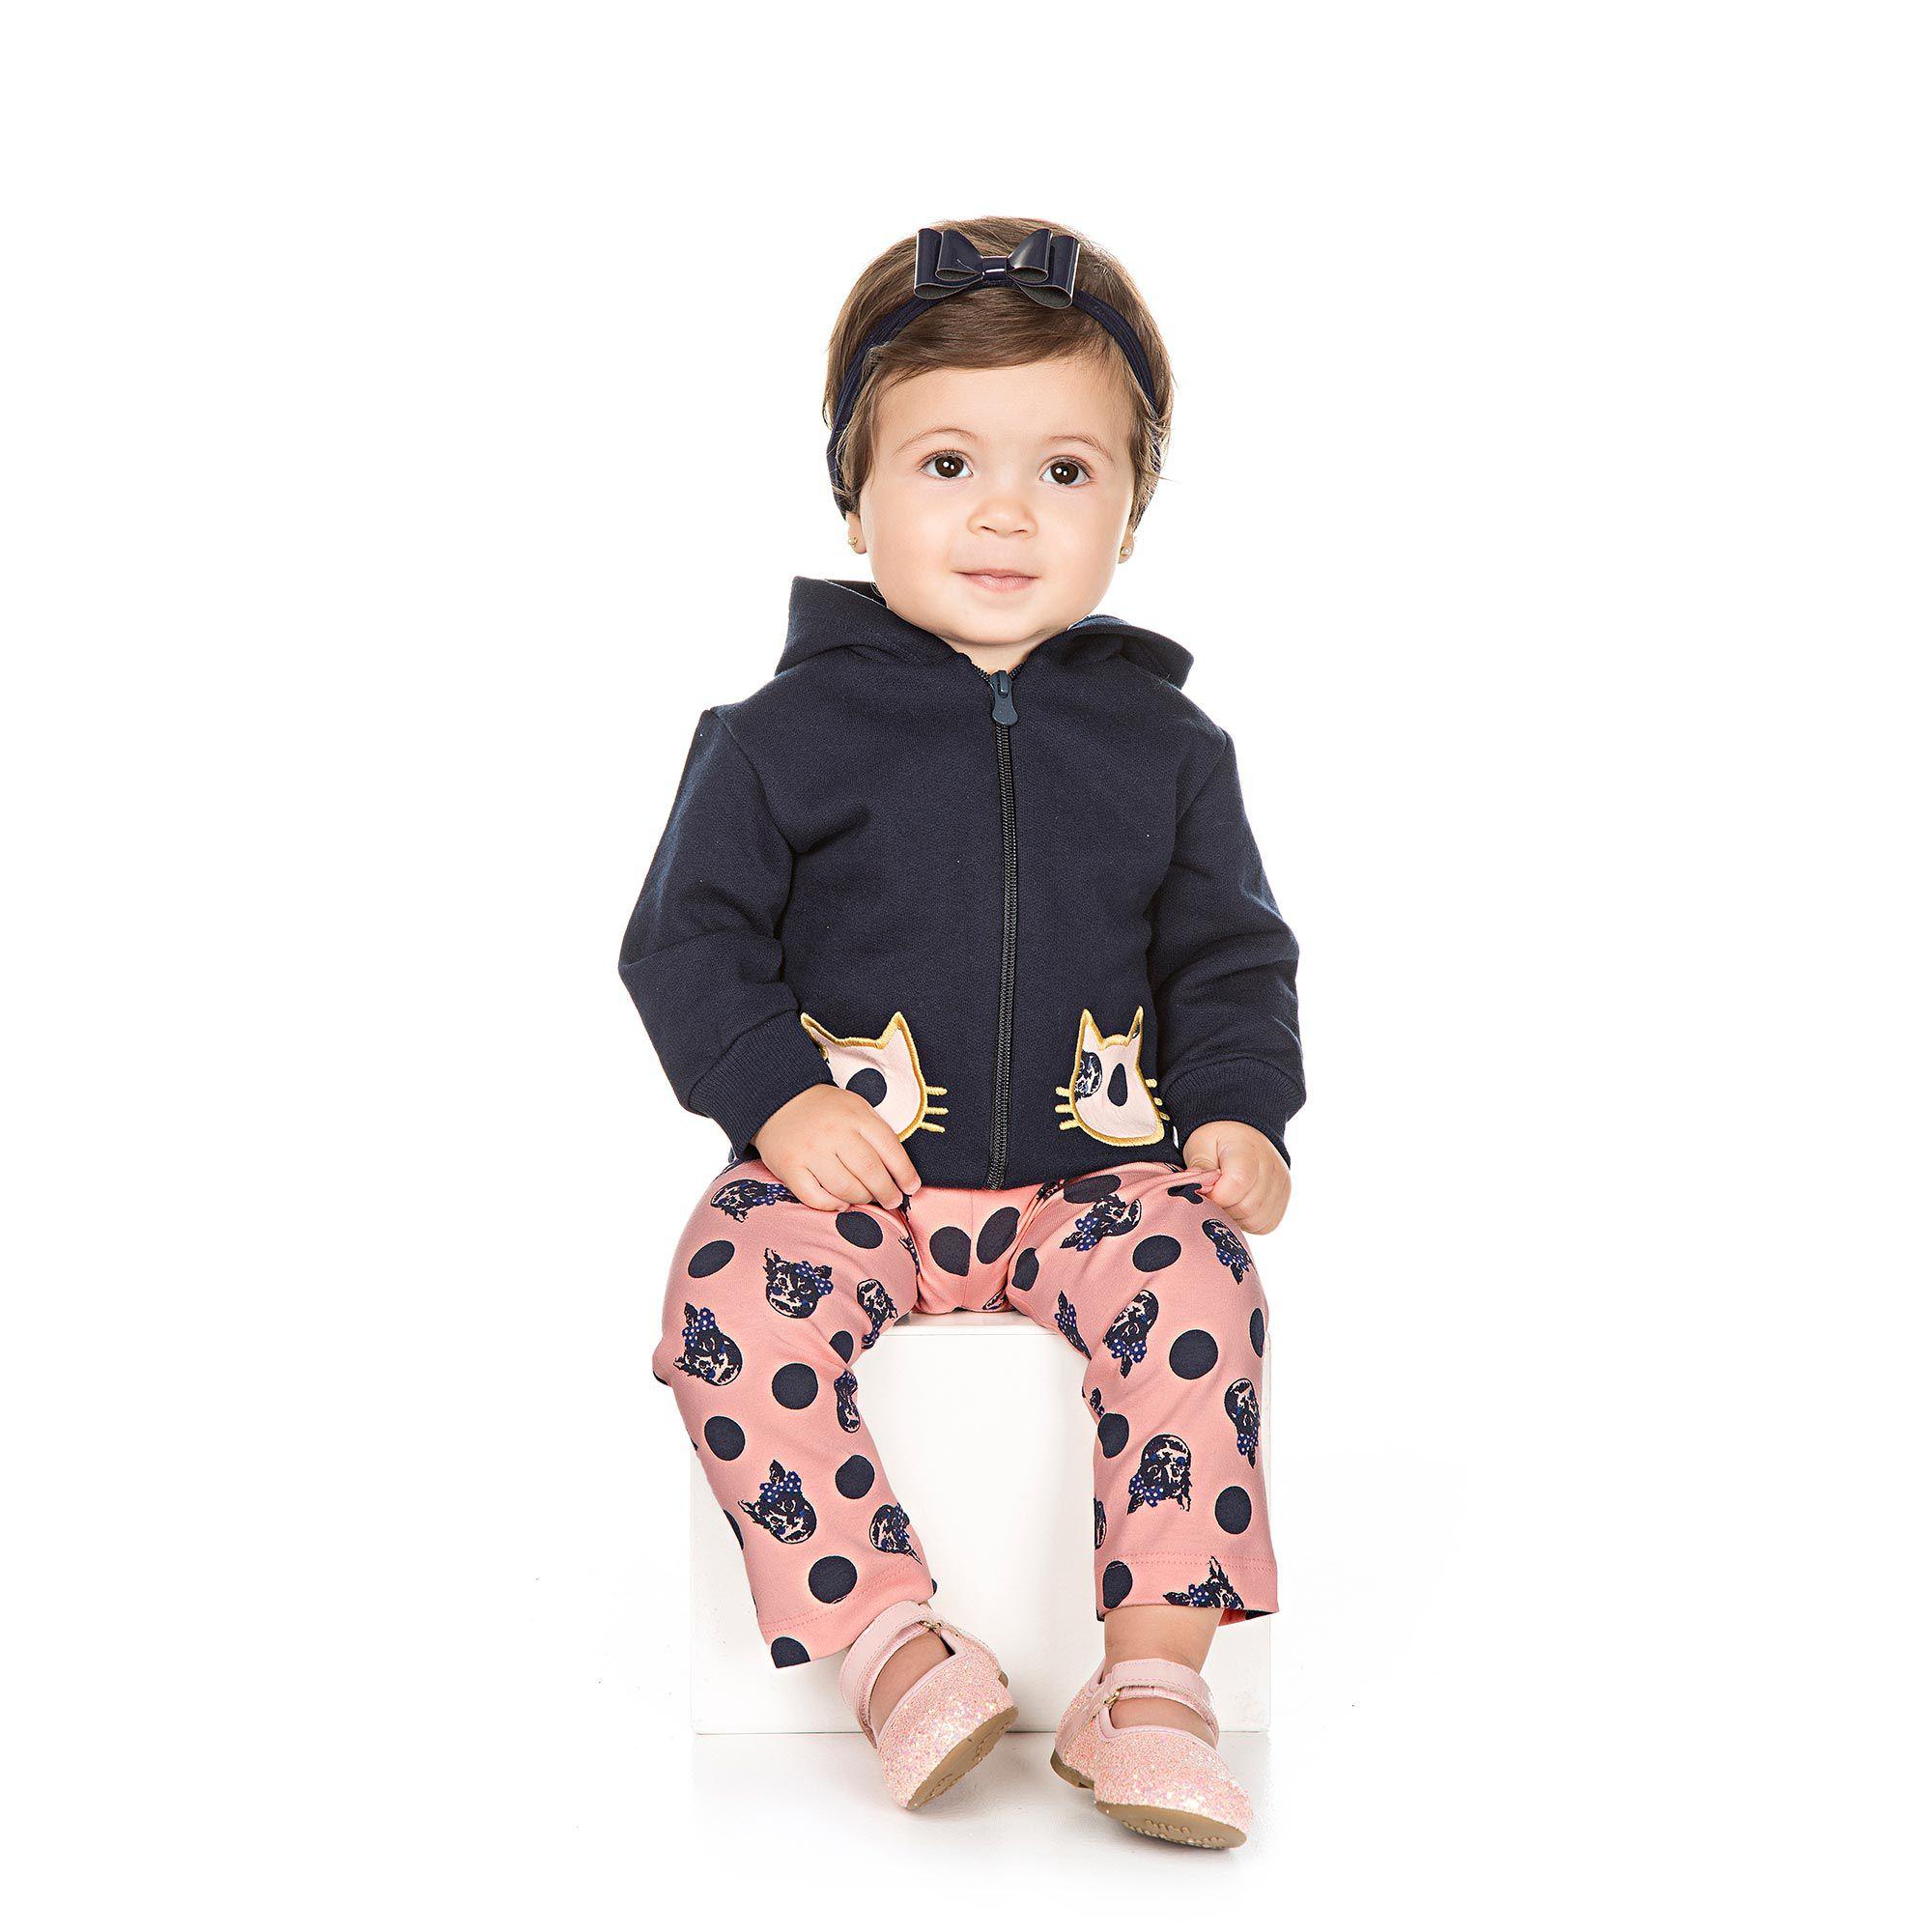 Conjunto Infantil para Bebê 2 peças - Ref 4932 - Marinho/E32